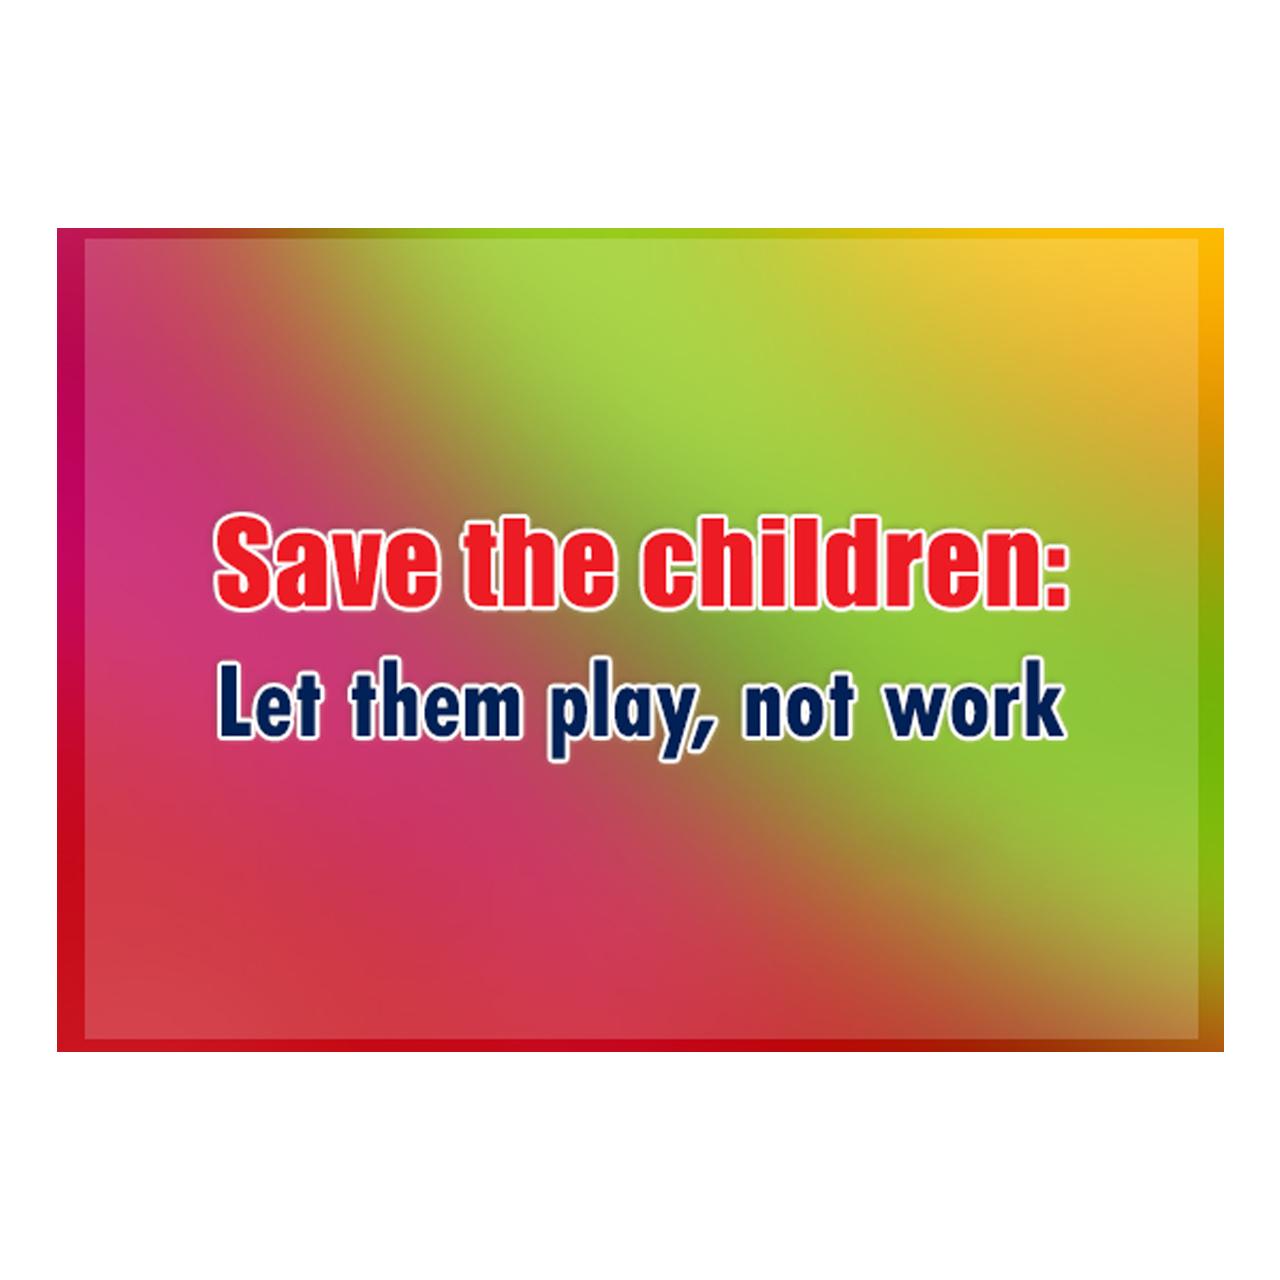 کارت پستال ماهتاب طرح روز مبارزه با کار کودکان کد 2420